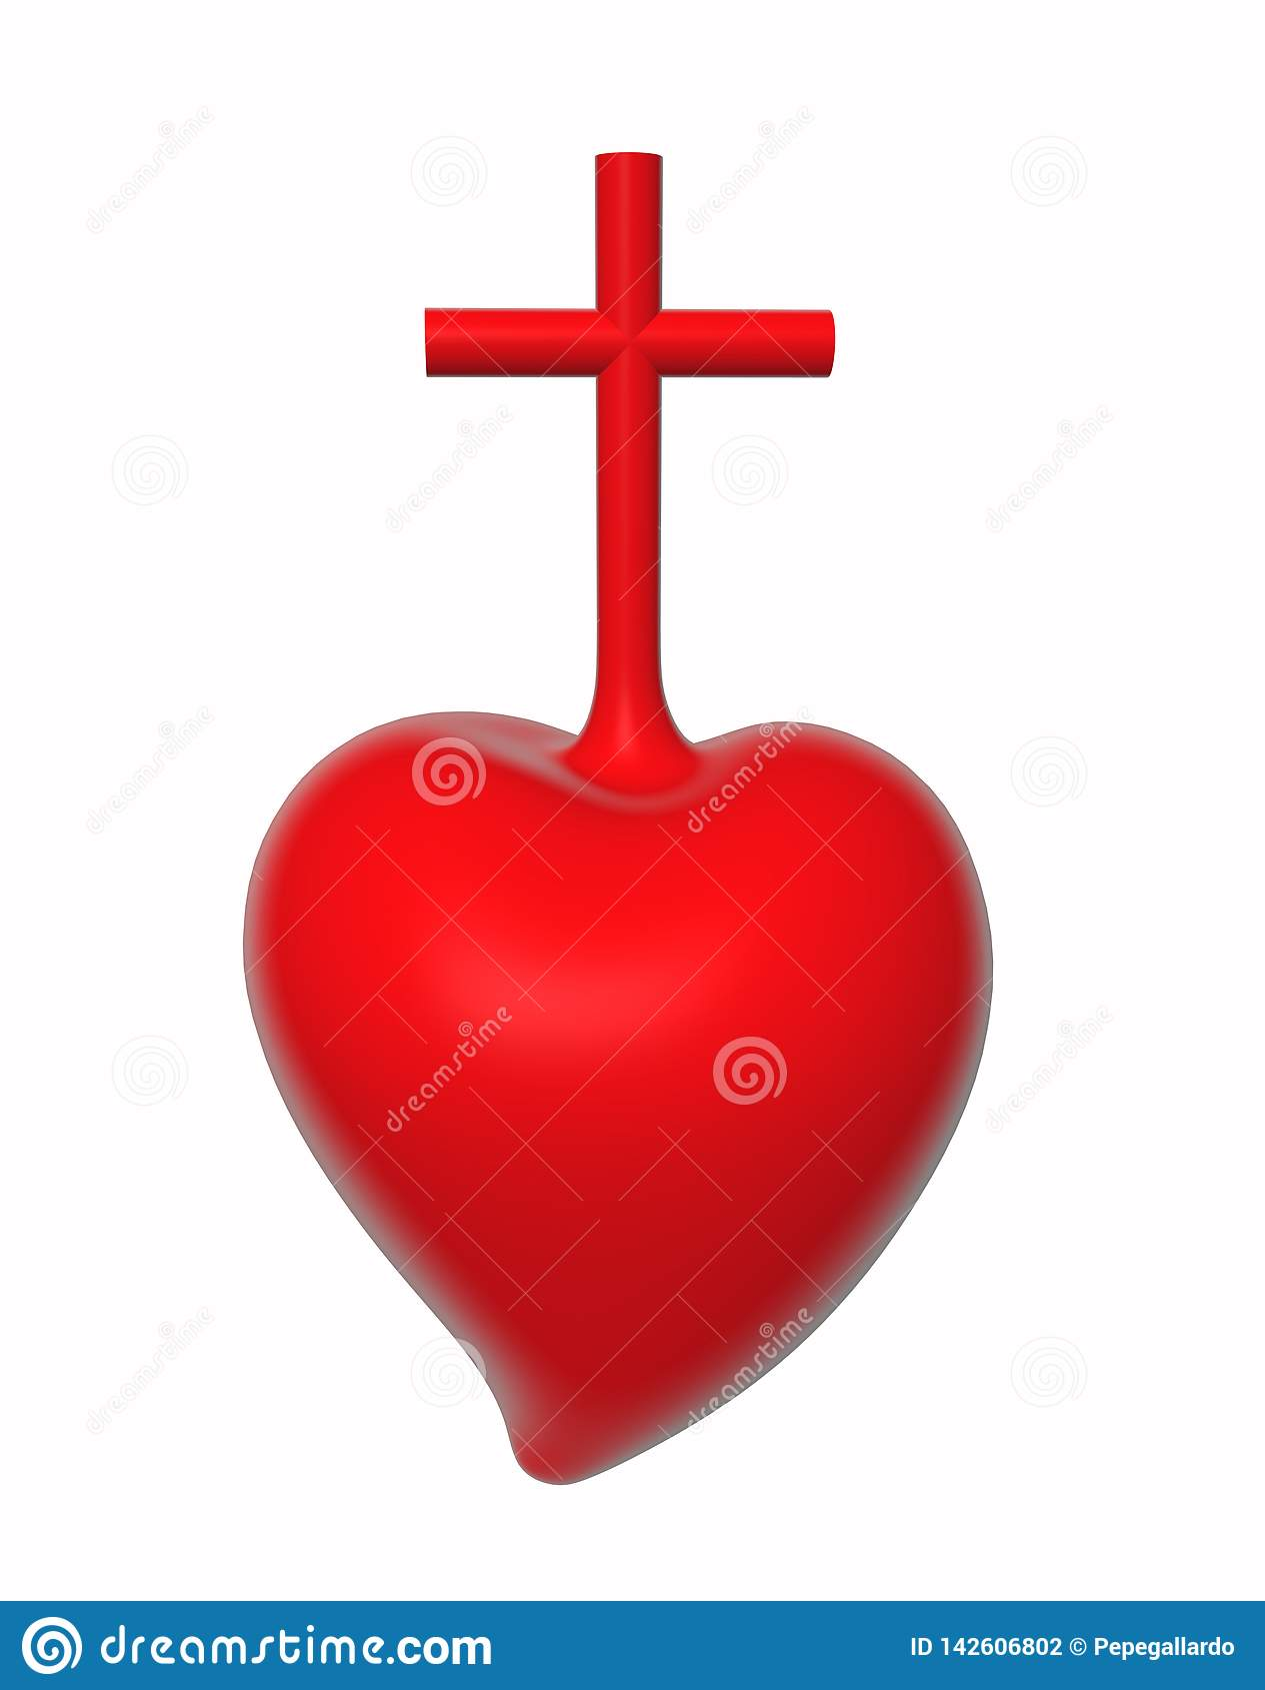 иллюстрация 3D священного сердца Иисуса